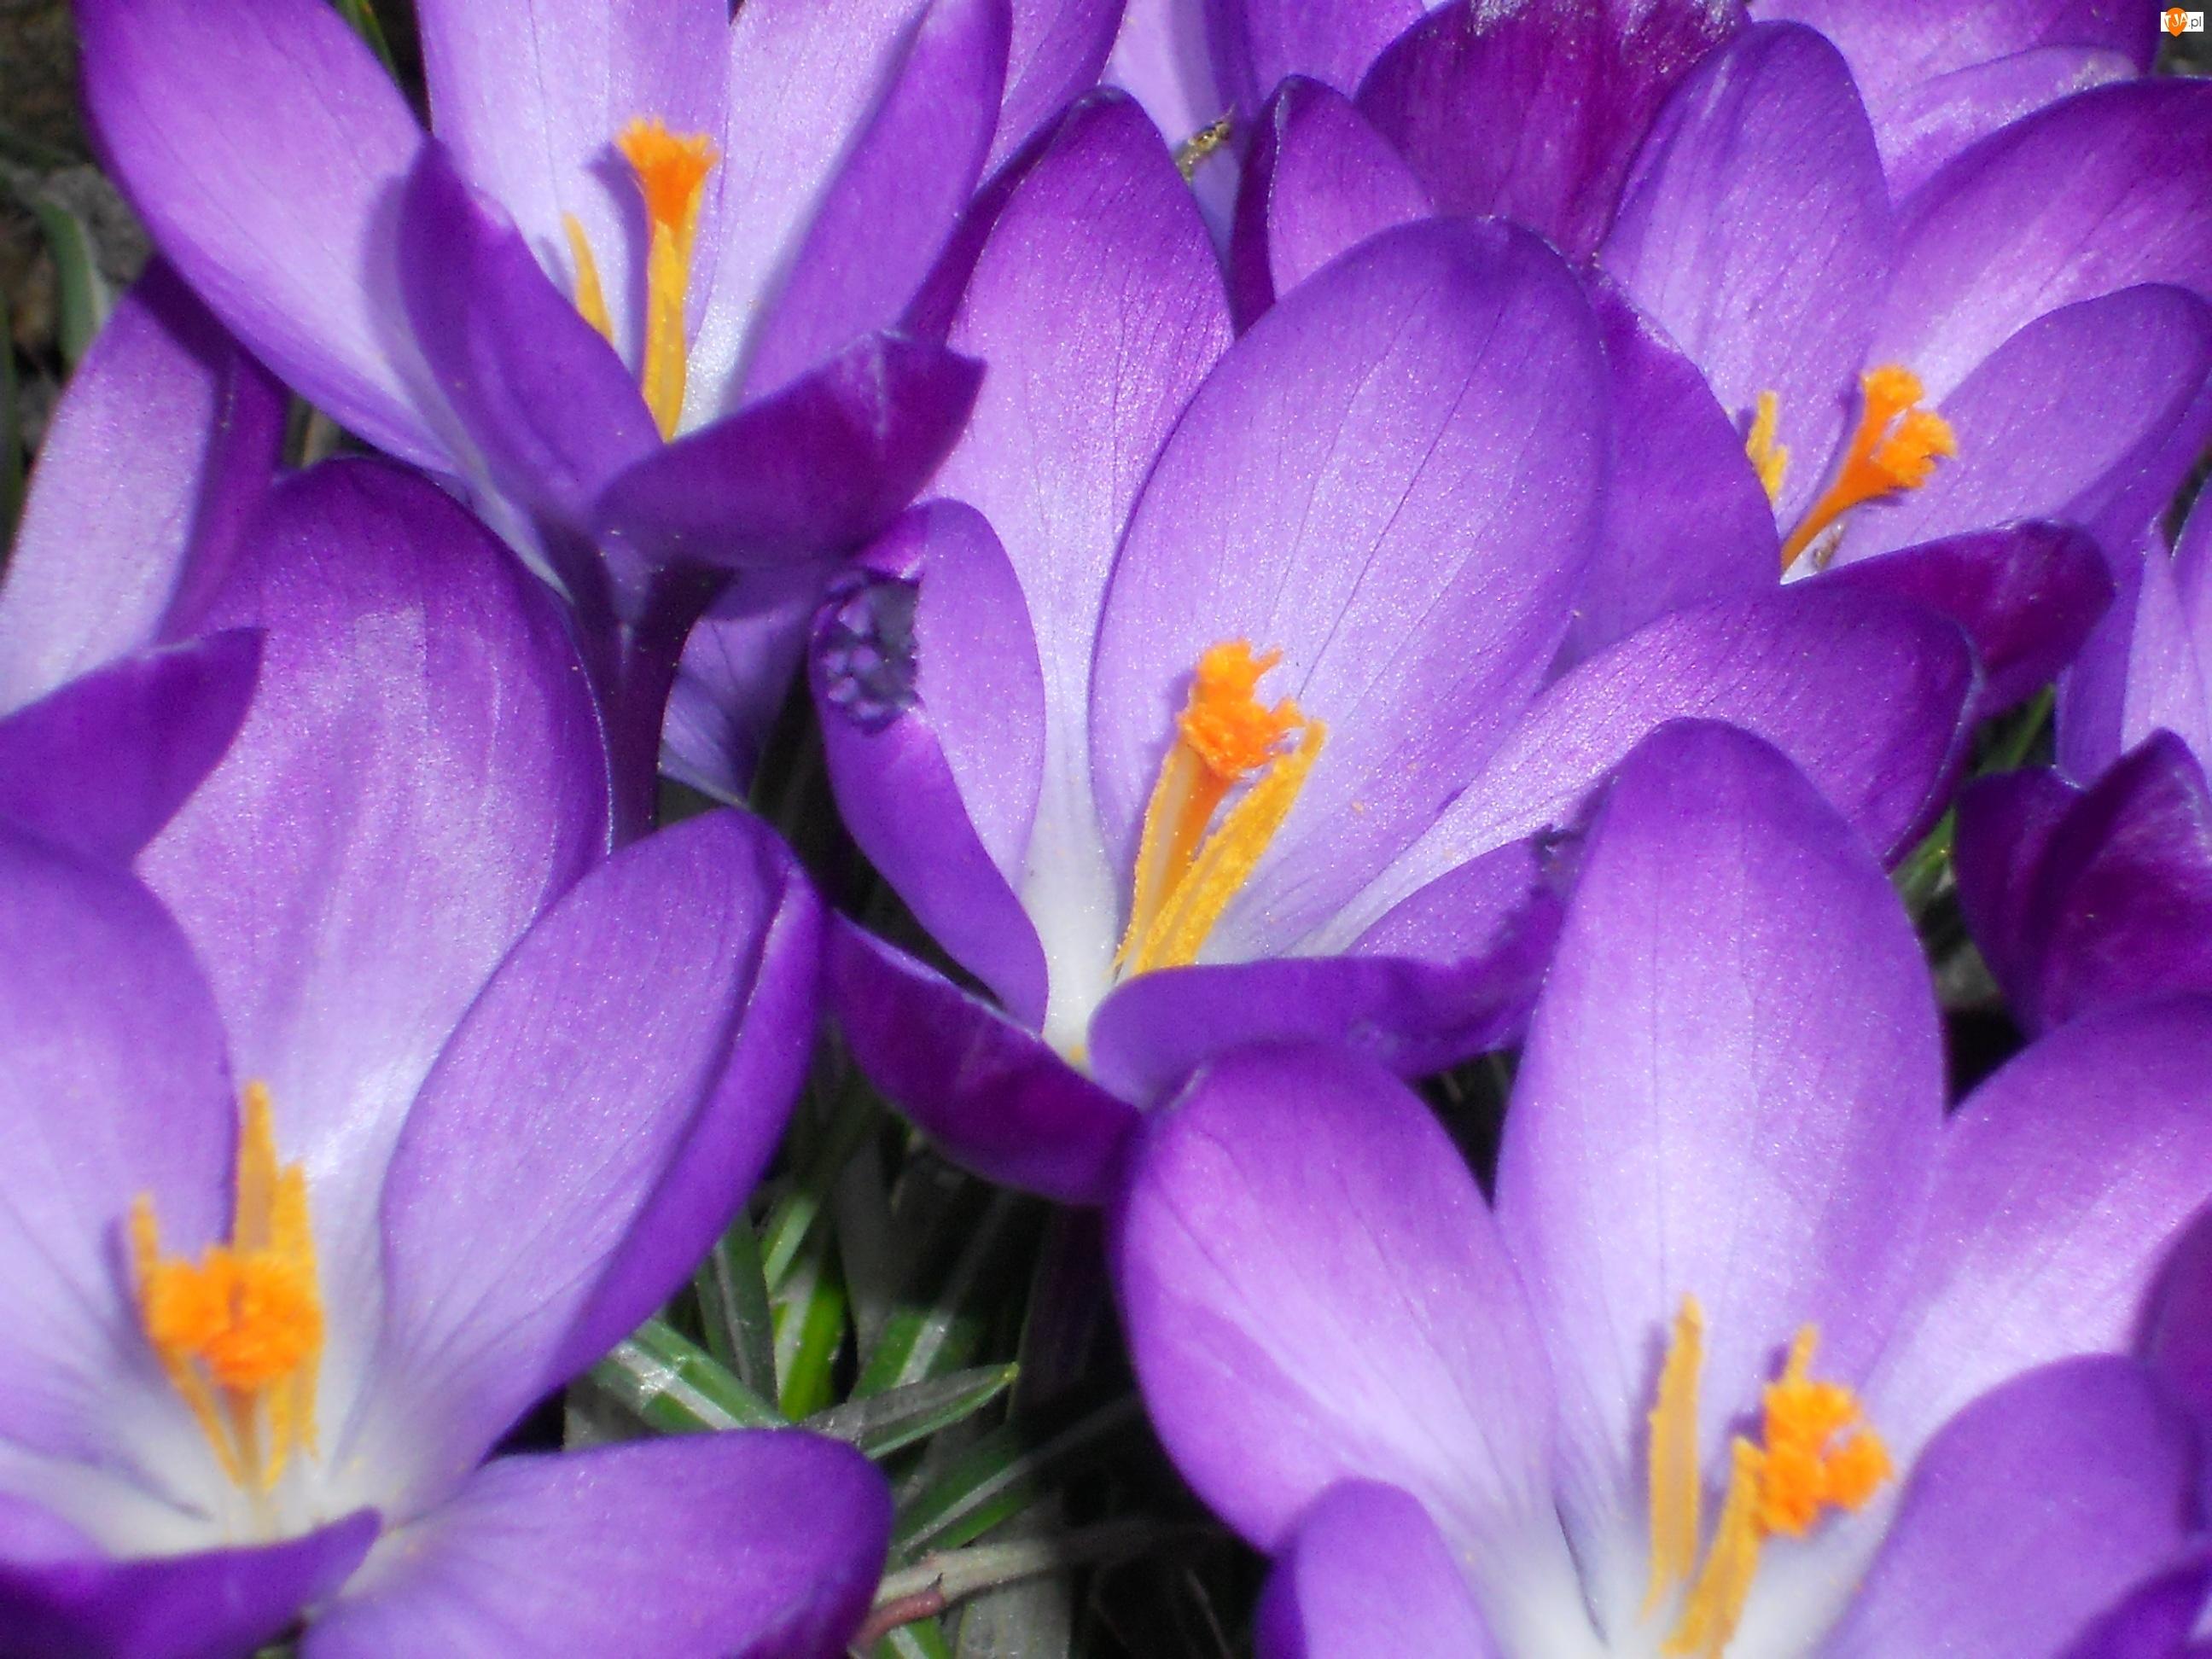 Przyroda, Wiosna, Kwiaty, Krokusy